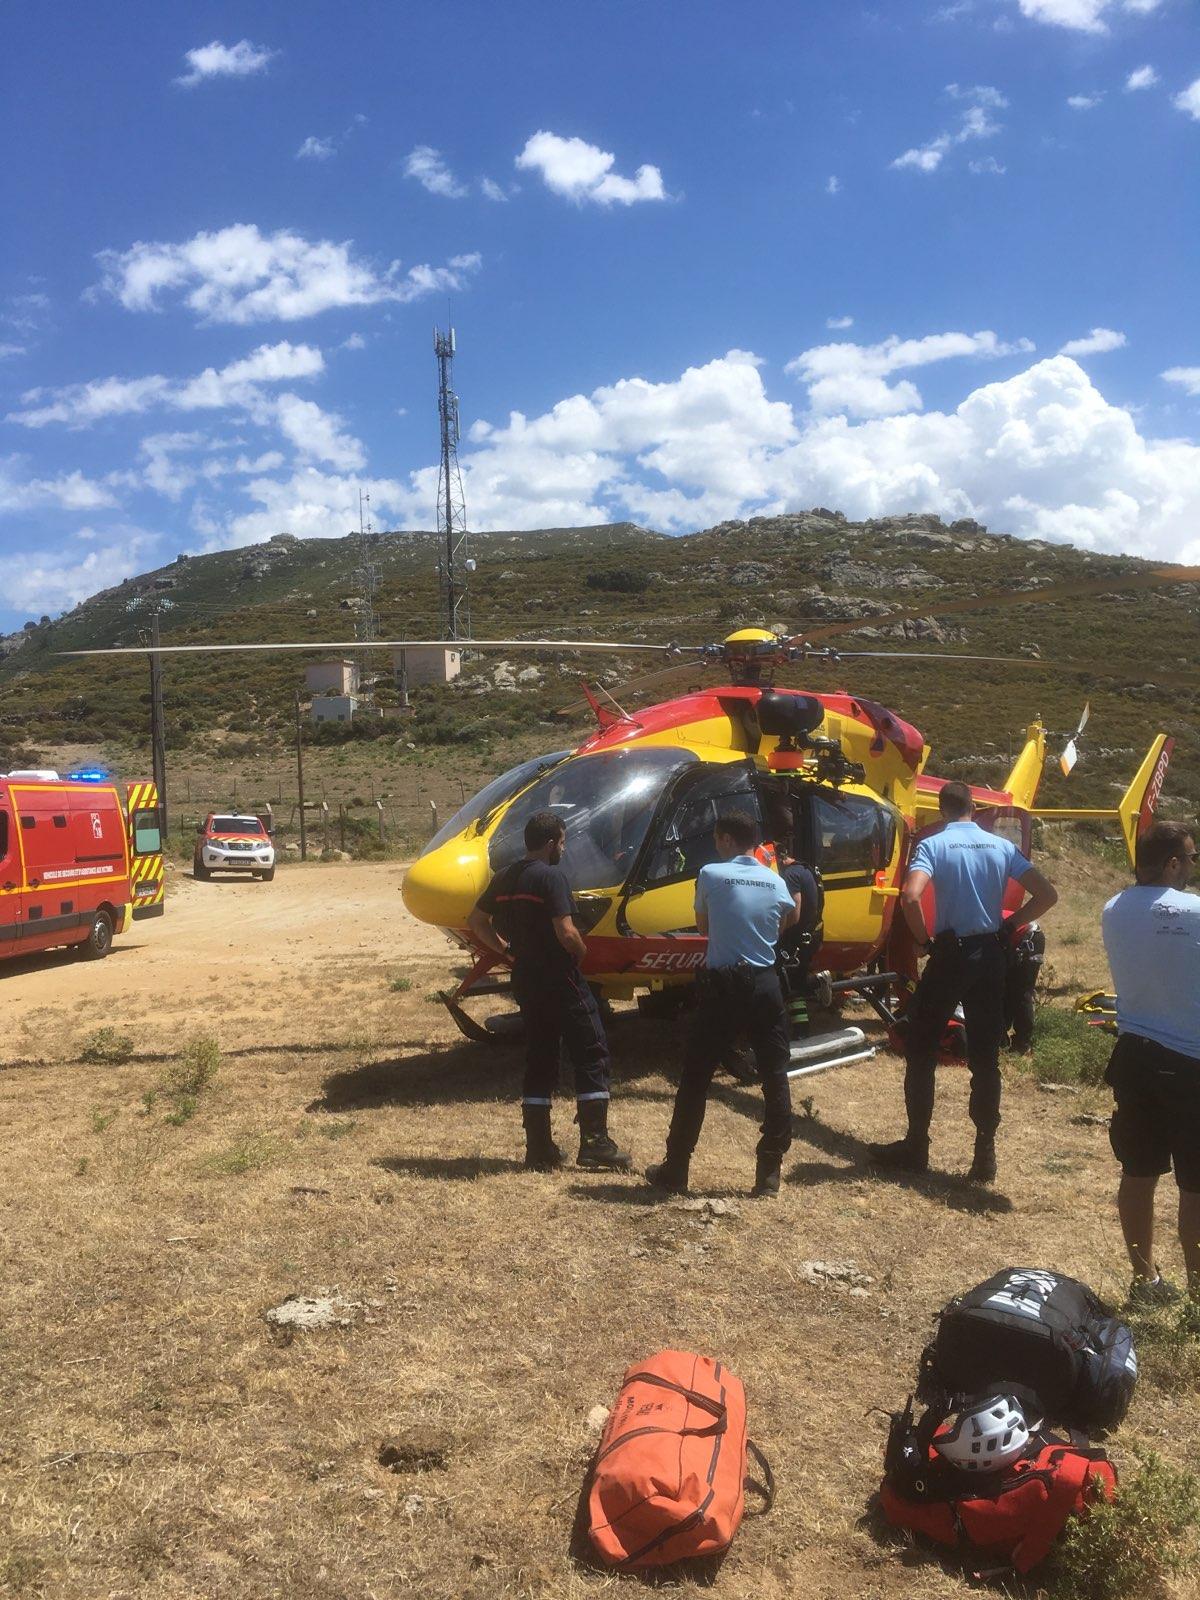 Montegrosso : Accident de parapente. Un blessé